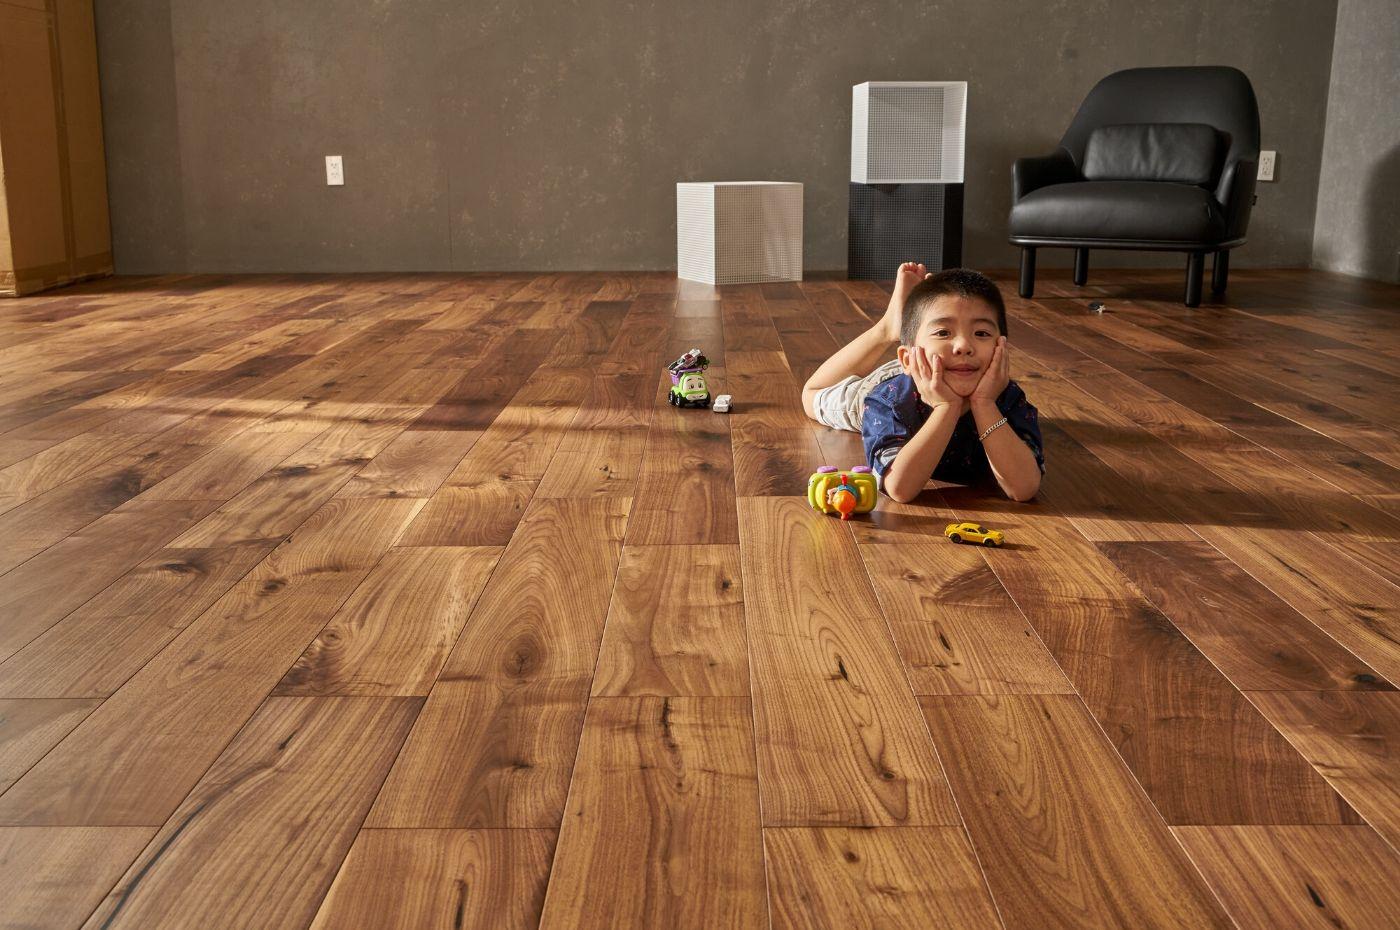 san go tu nhien 2 - Những ưu điểm vượt trội của sàn gỗ tự nhiên bạn nên biết